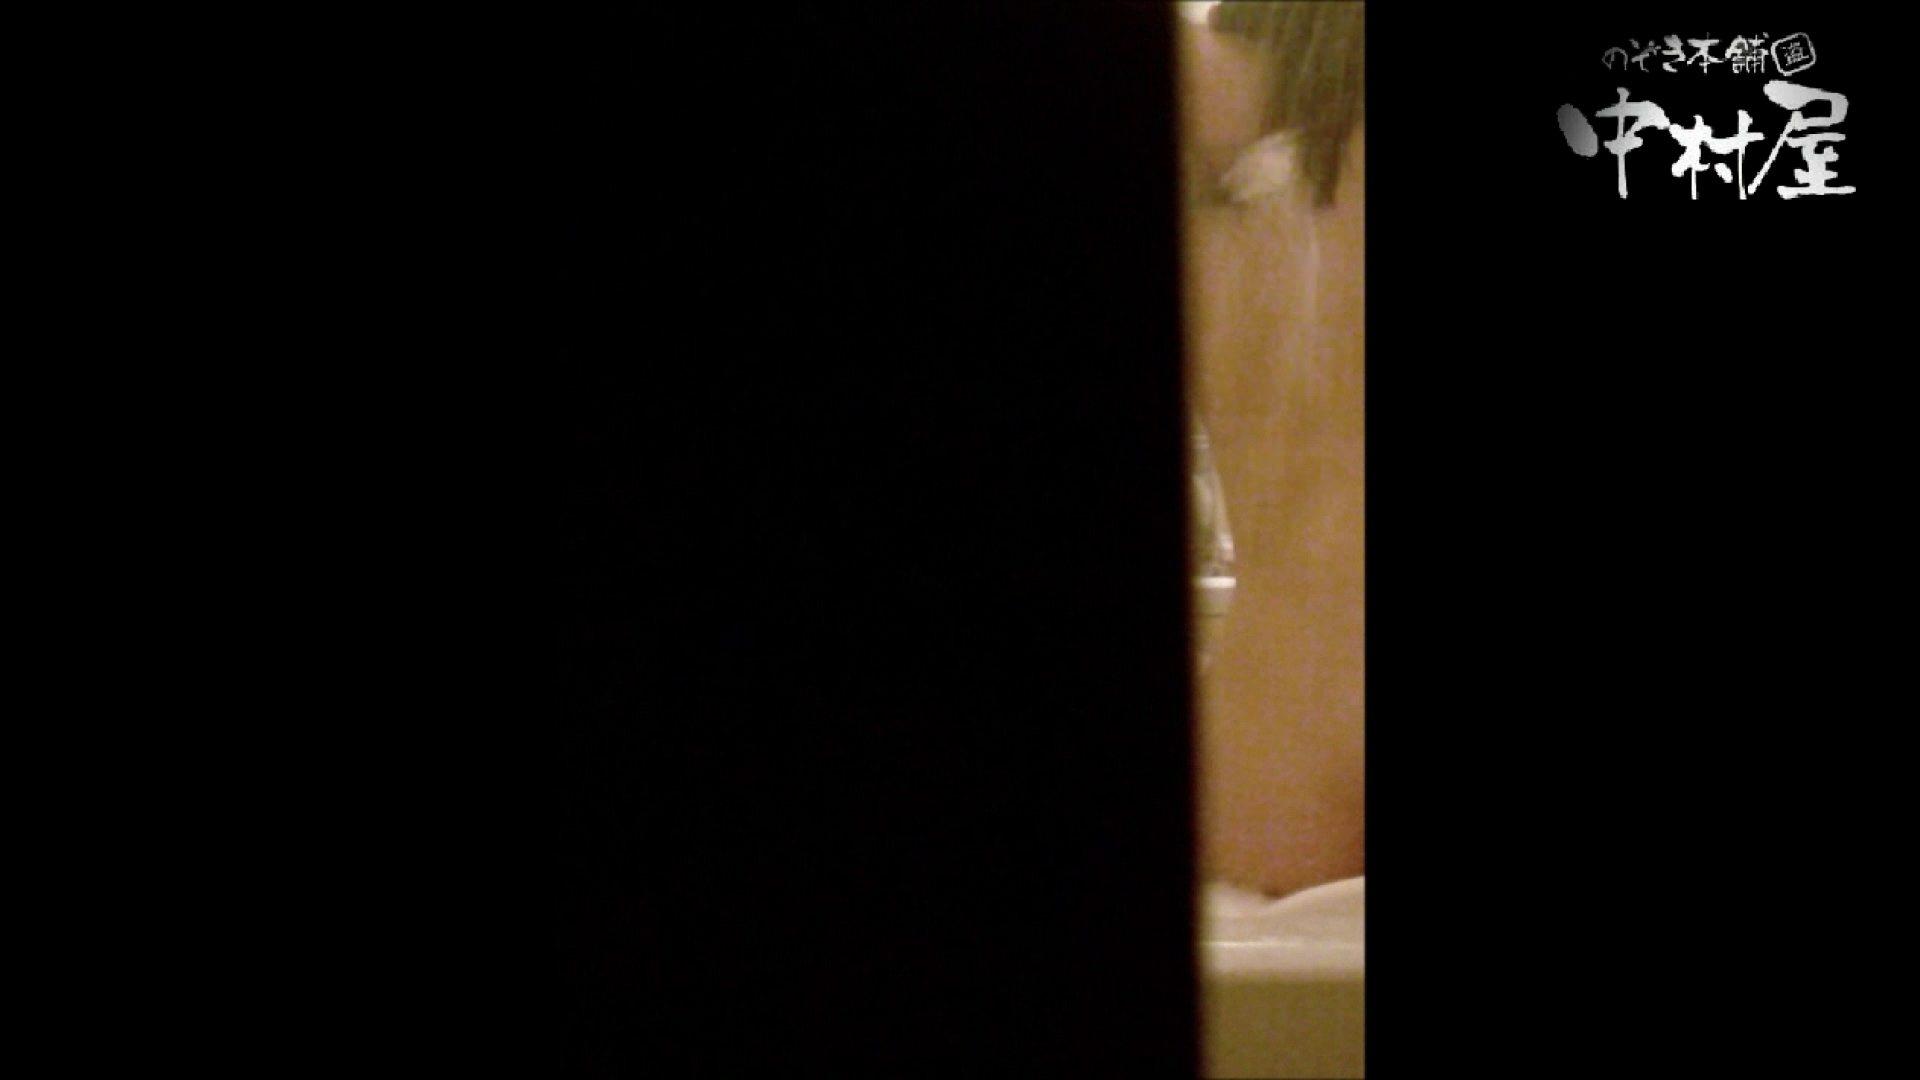 雅さんの独断と偏見で集めた動画集 民家Vol.7 現役ギャル オメコ無修正動画無料 107pic 98